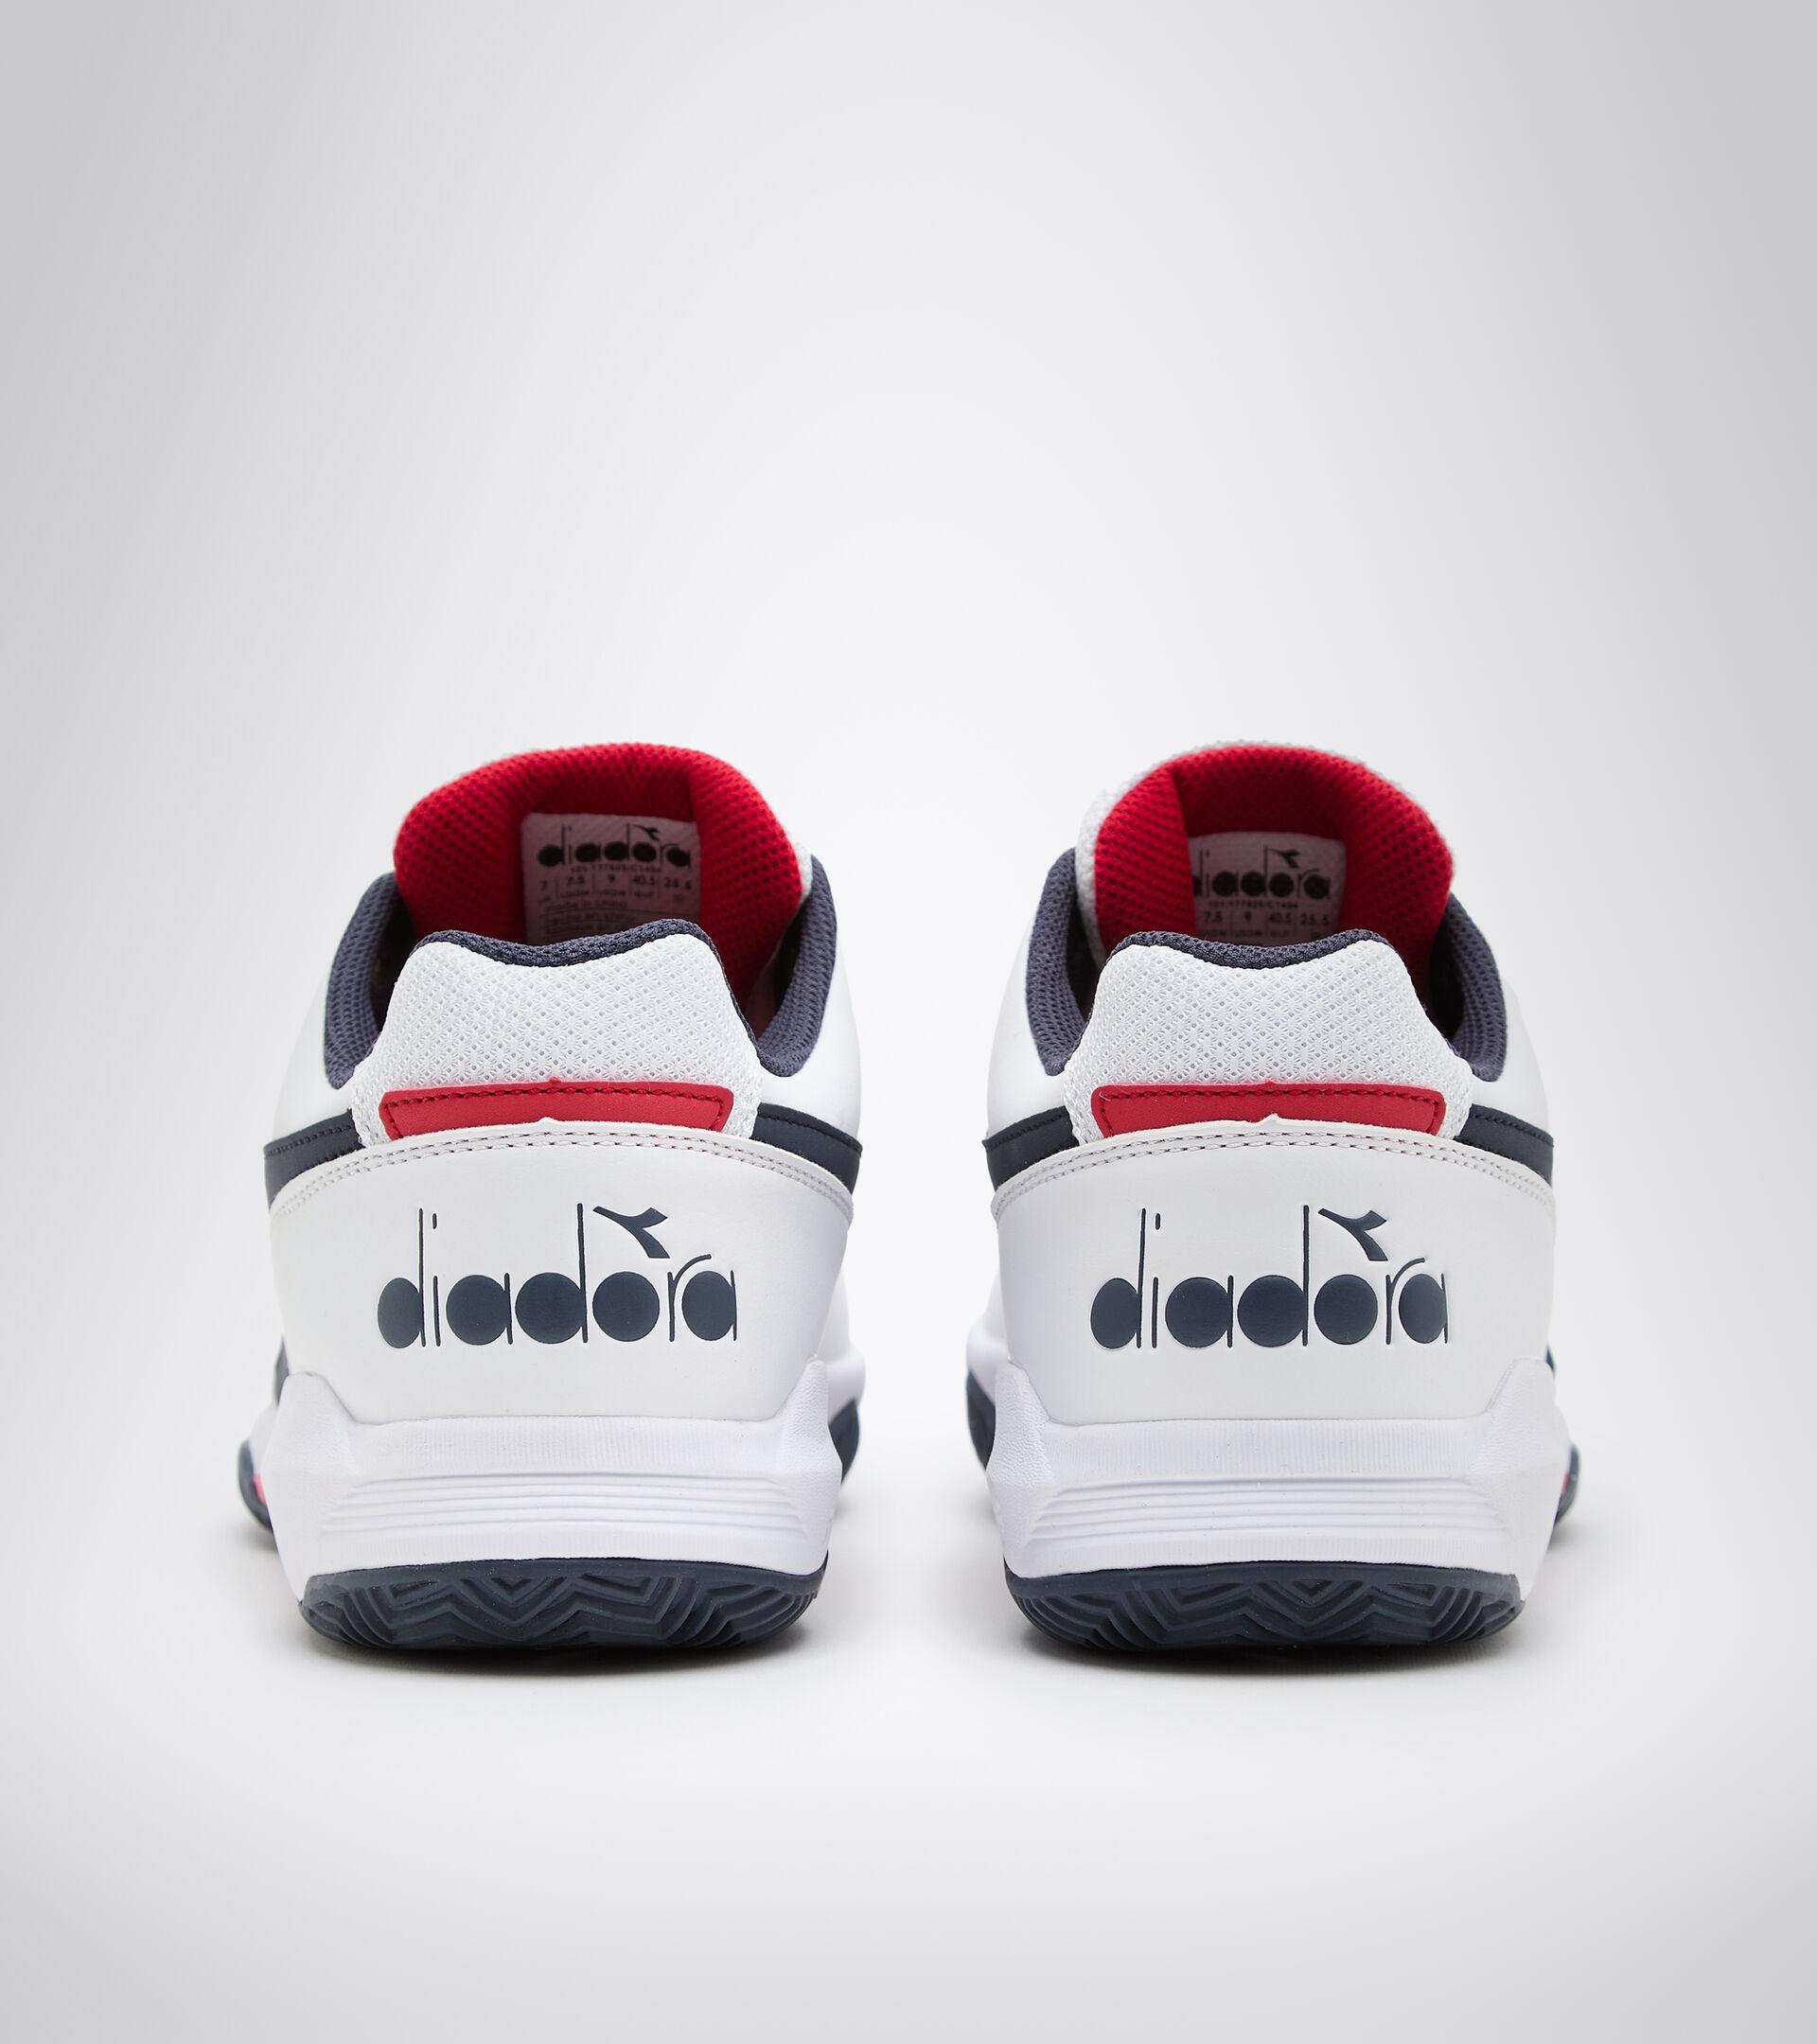 Footwear Sport UOMO S.CHALLENGE 3 SL CLAY BIANCO/BLU CORSARO Diadora